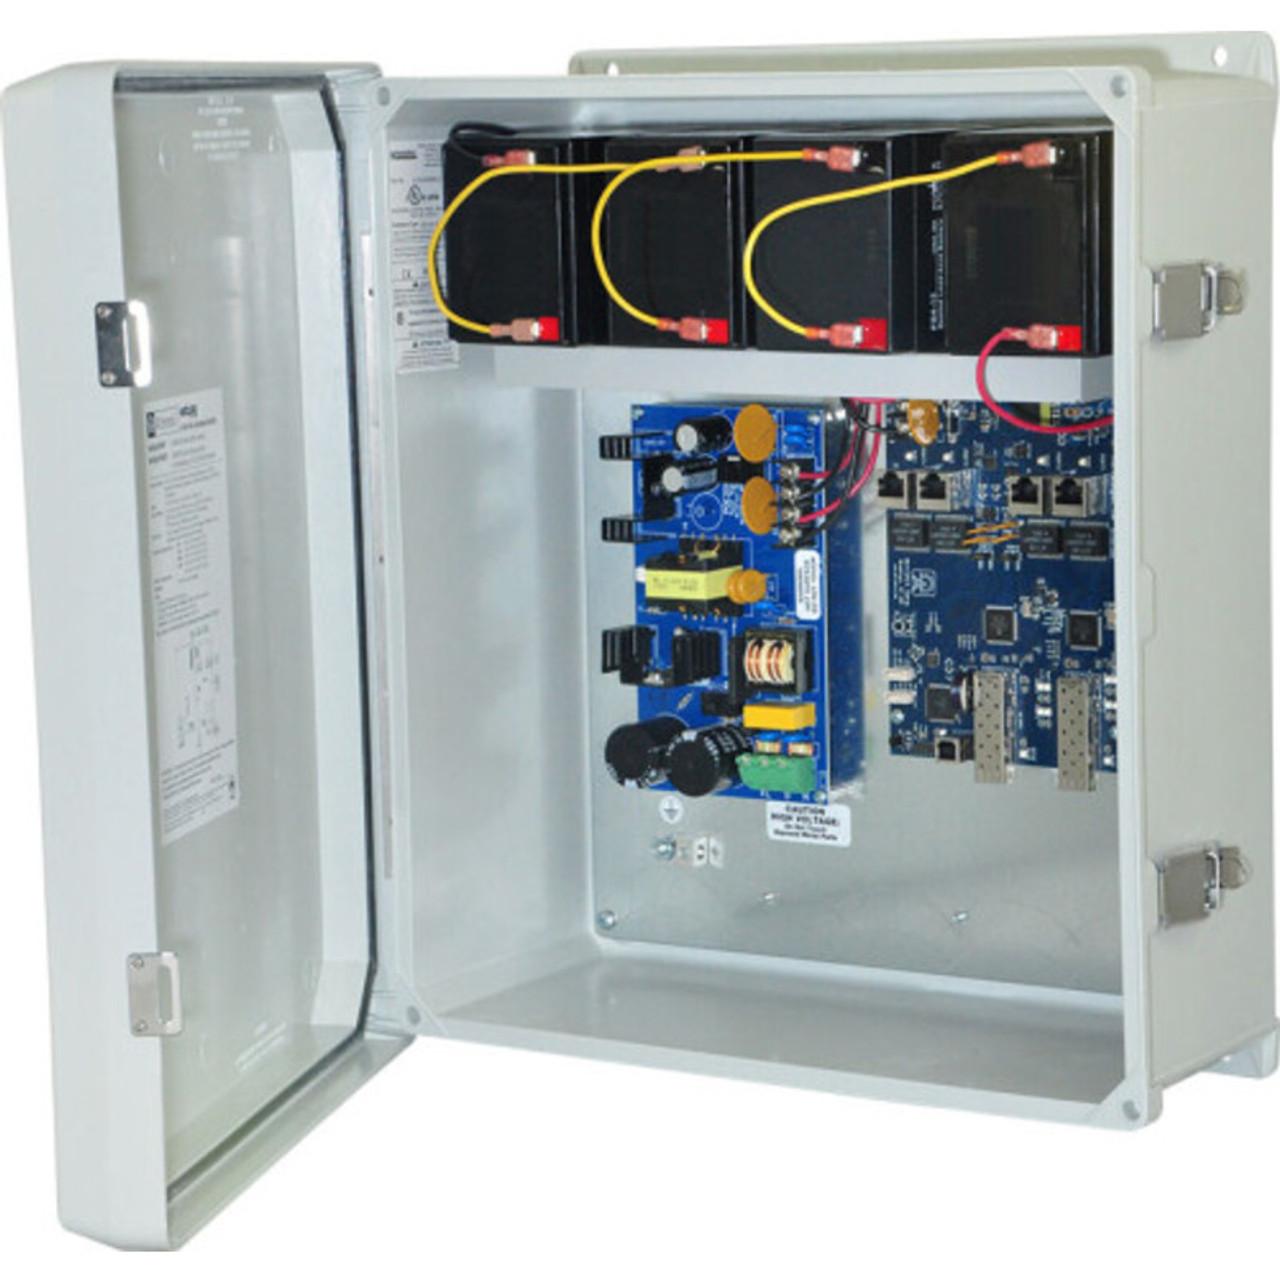 Altronix NetWaySP4WPX Dual 1G Fiber SFP - 4 port 10/100/1000 PoE/PoE+  configurable for 2x 60W Hi-PoE